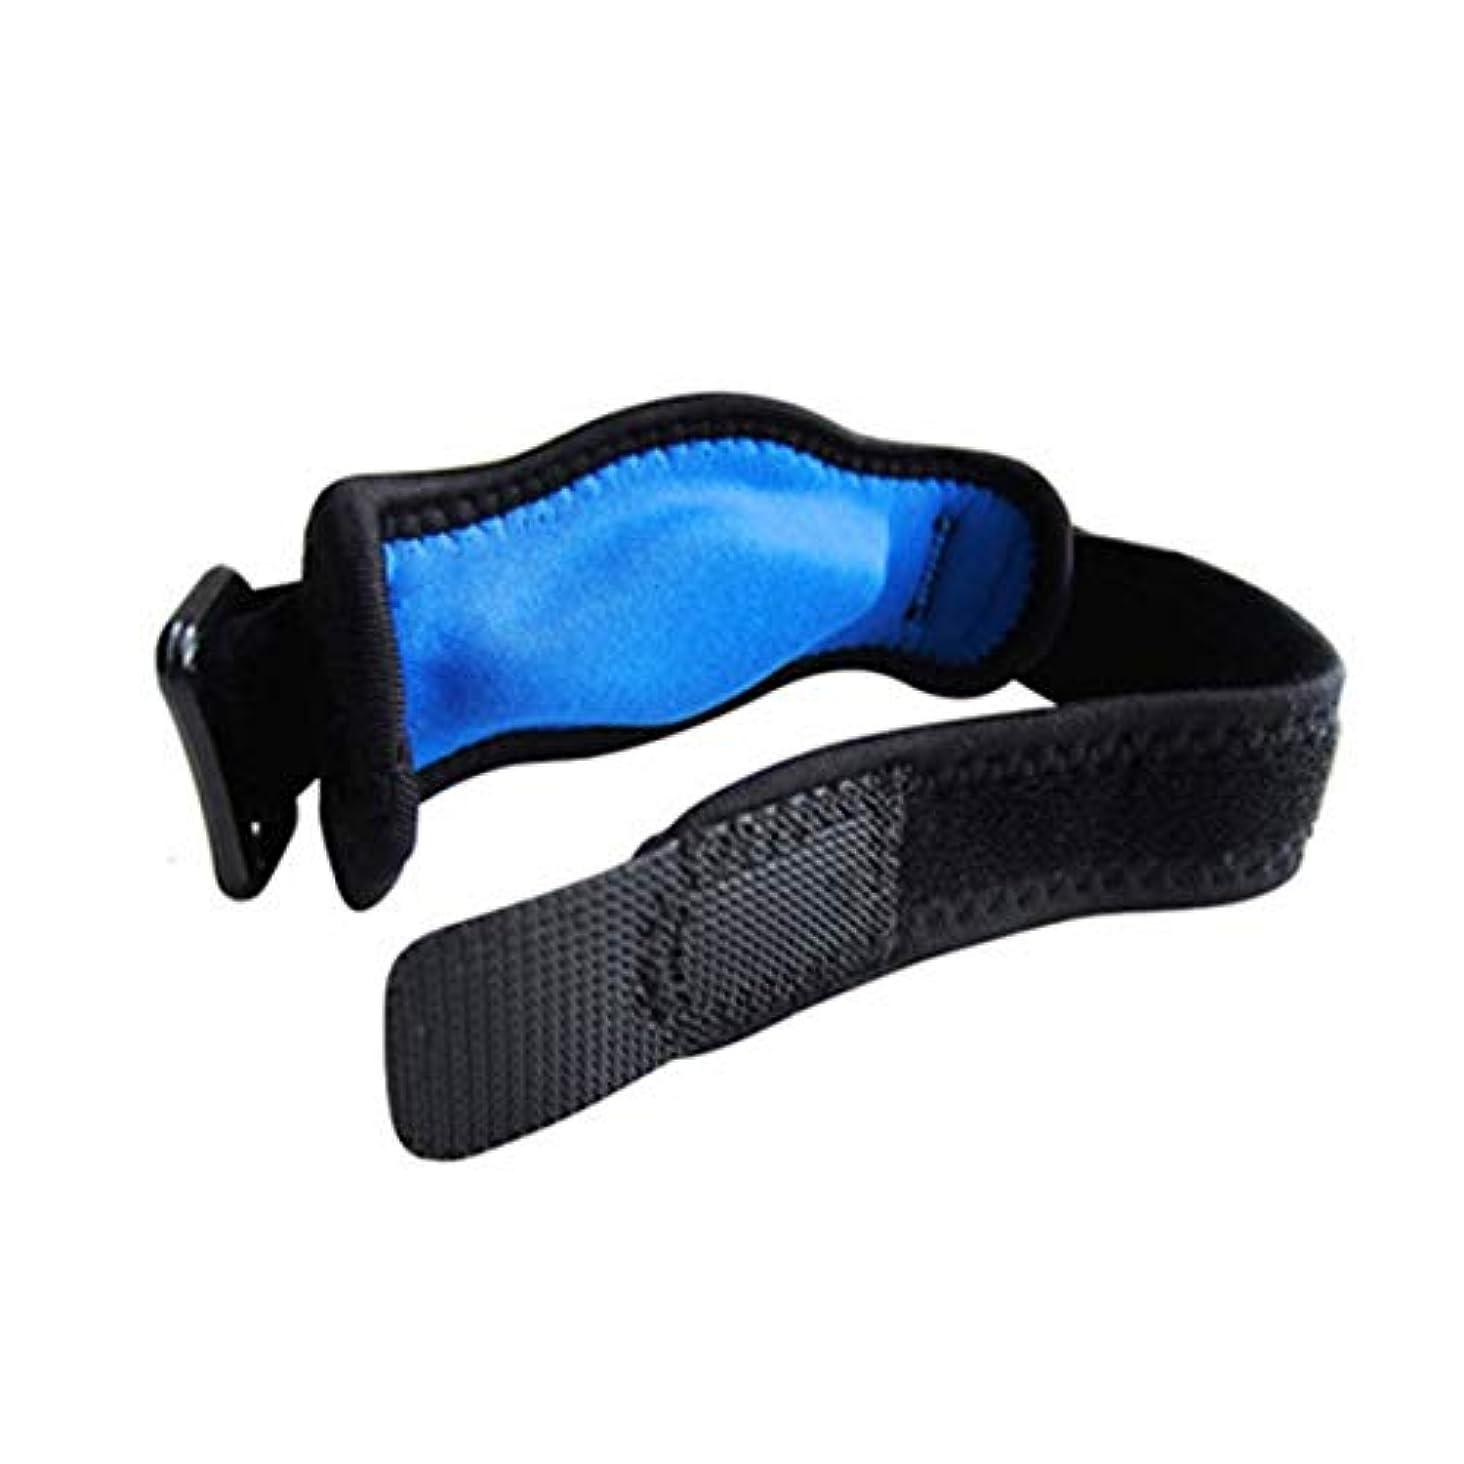 危険な不合格とまり木調整可能なテニス肘サポートストラップブレースゴルフ前腕の痛みの軽減-ブラック